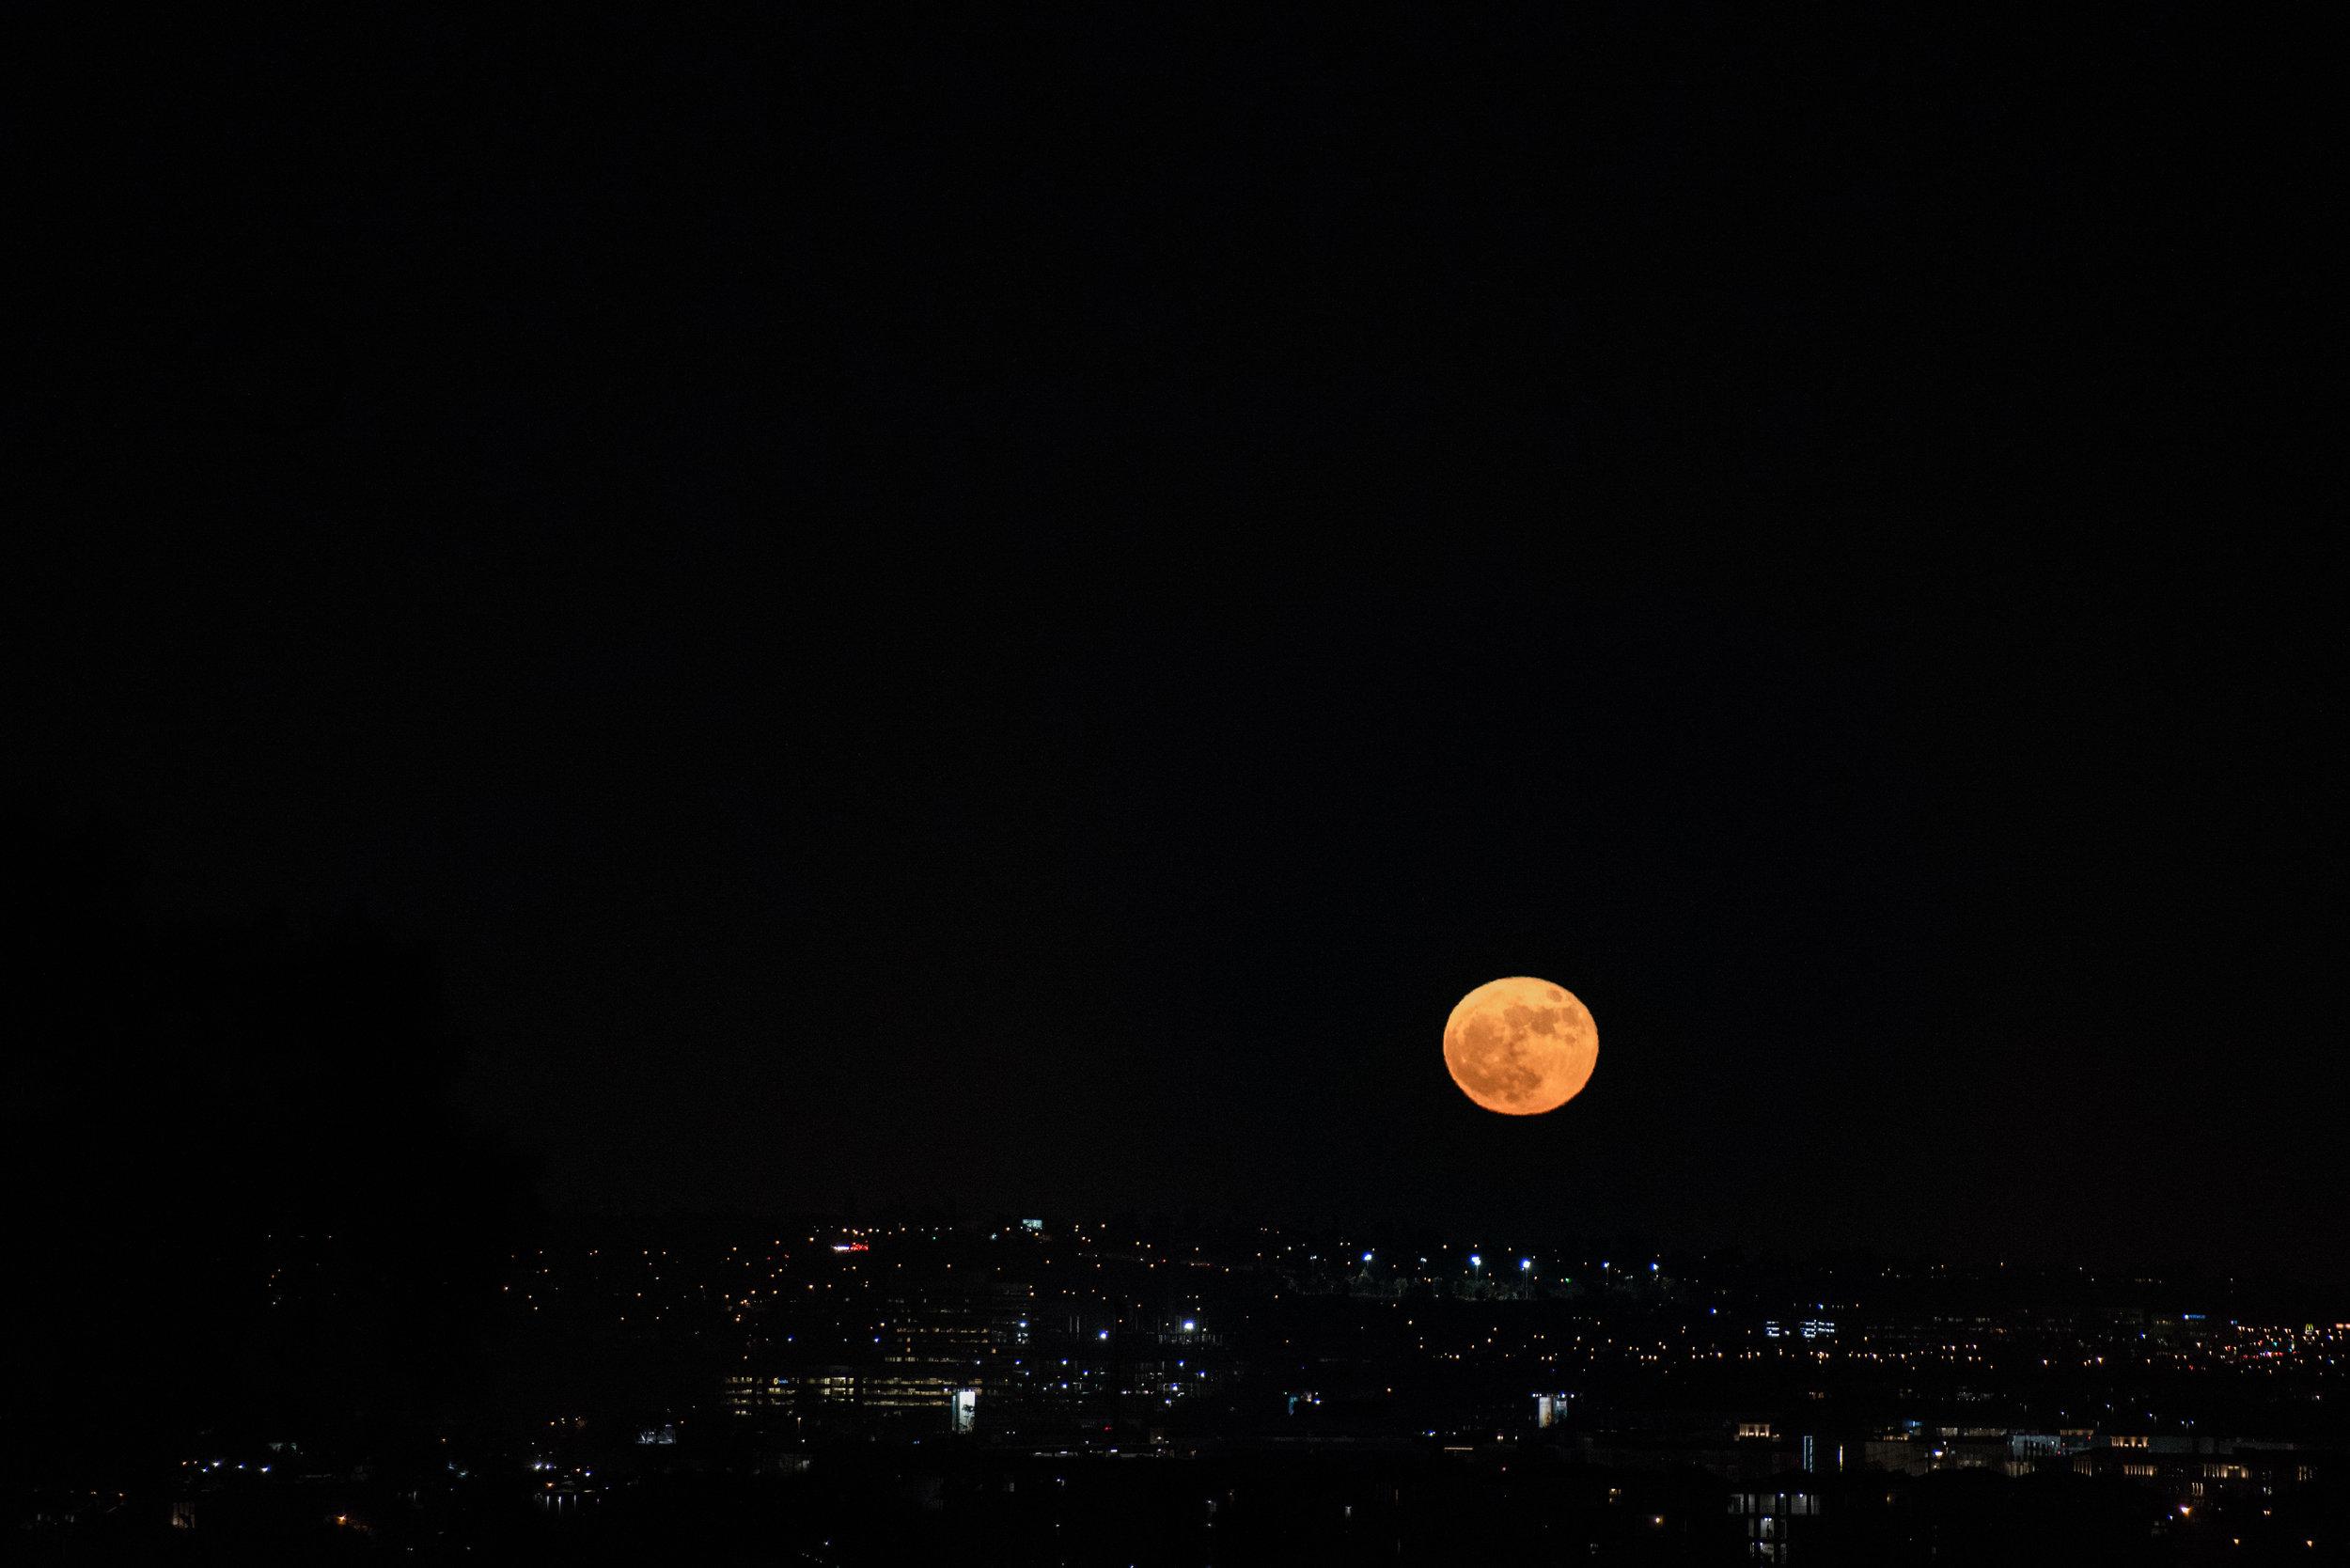 Super Moon rising over LA, Nov 14th 2016